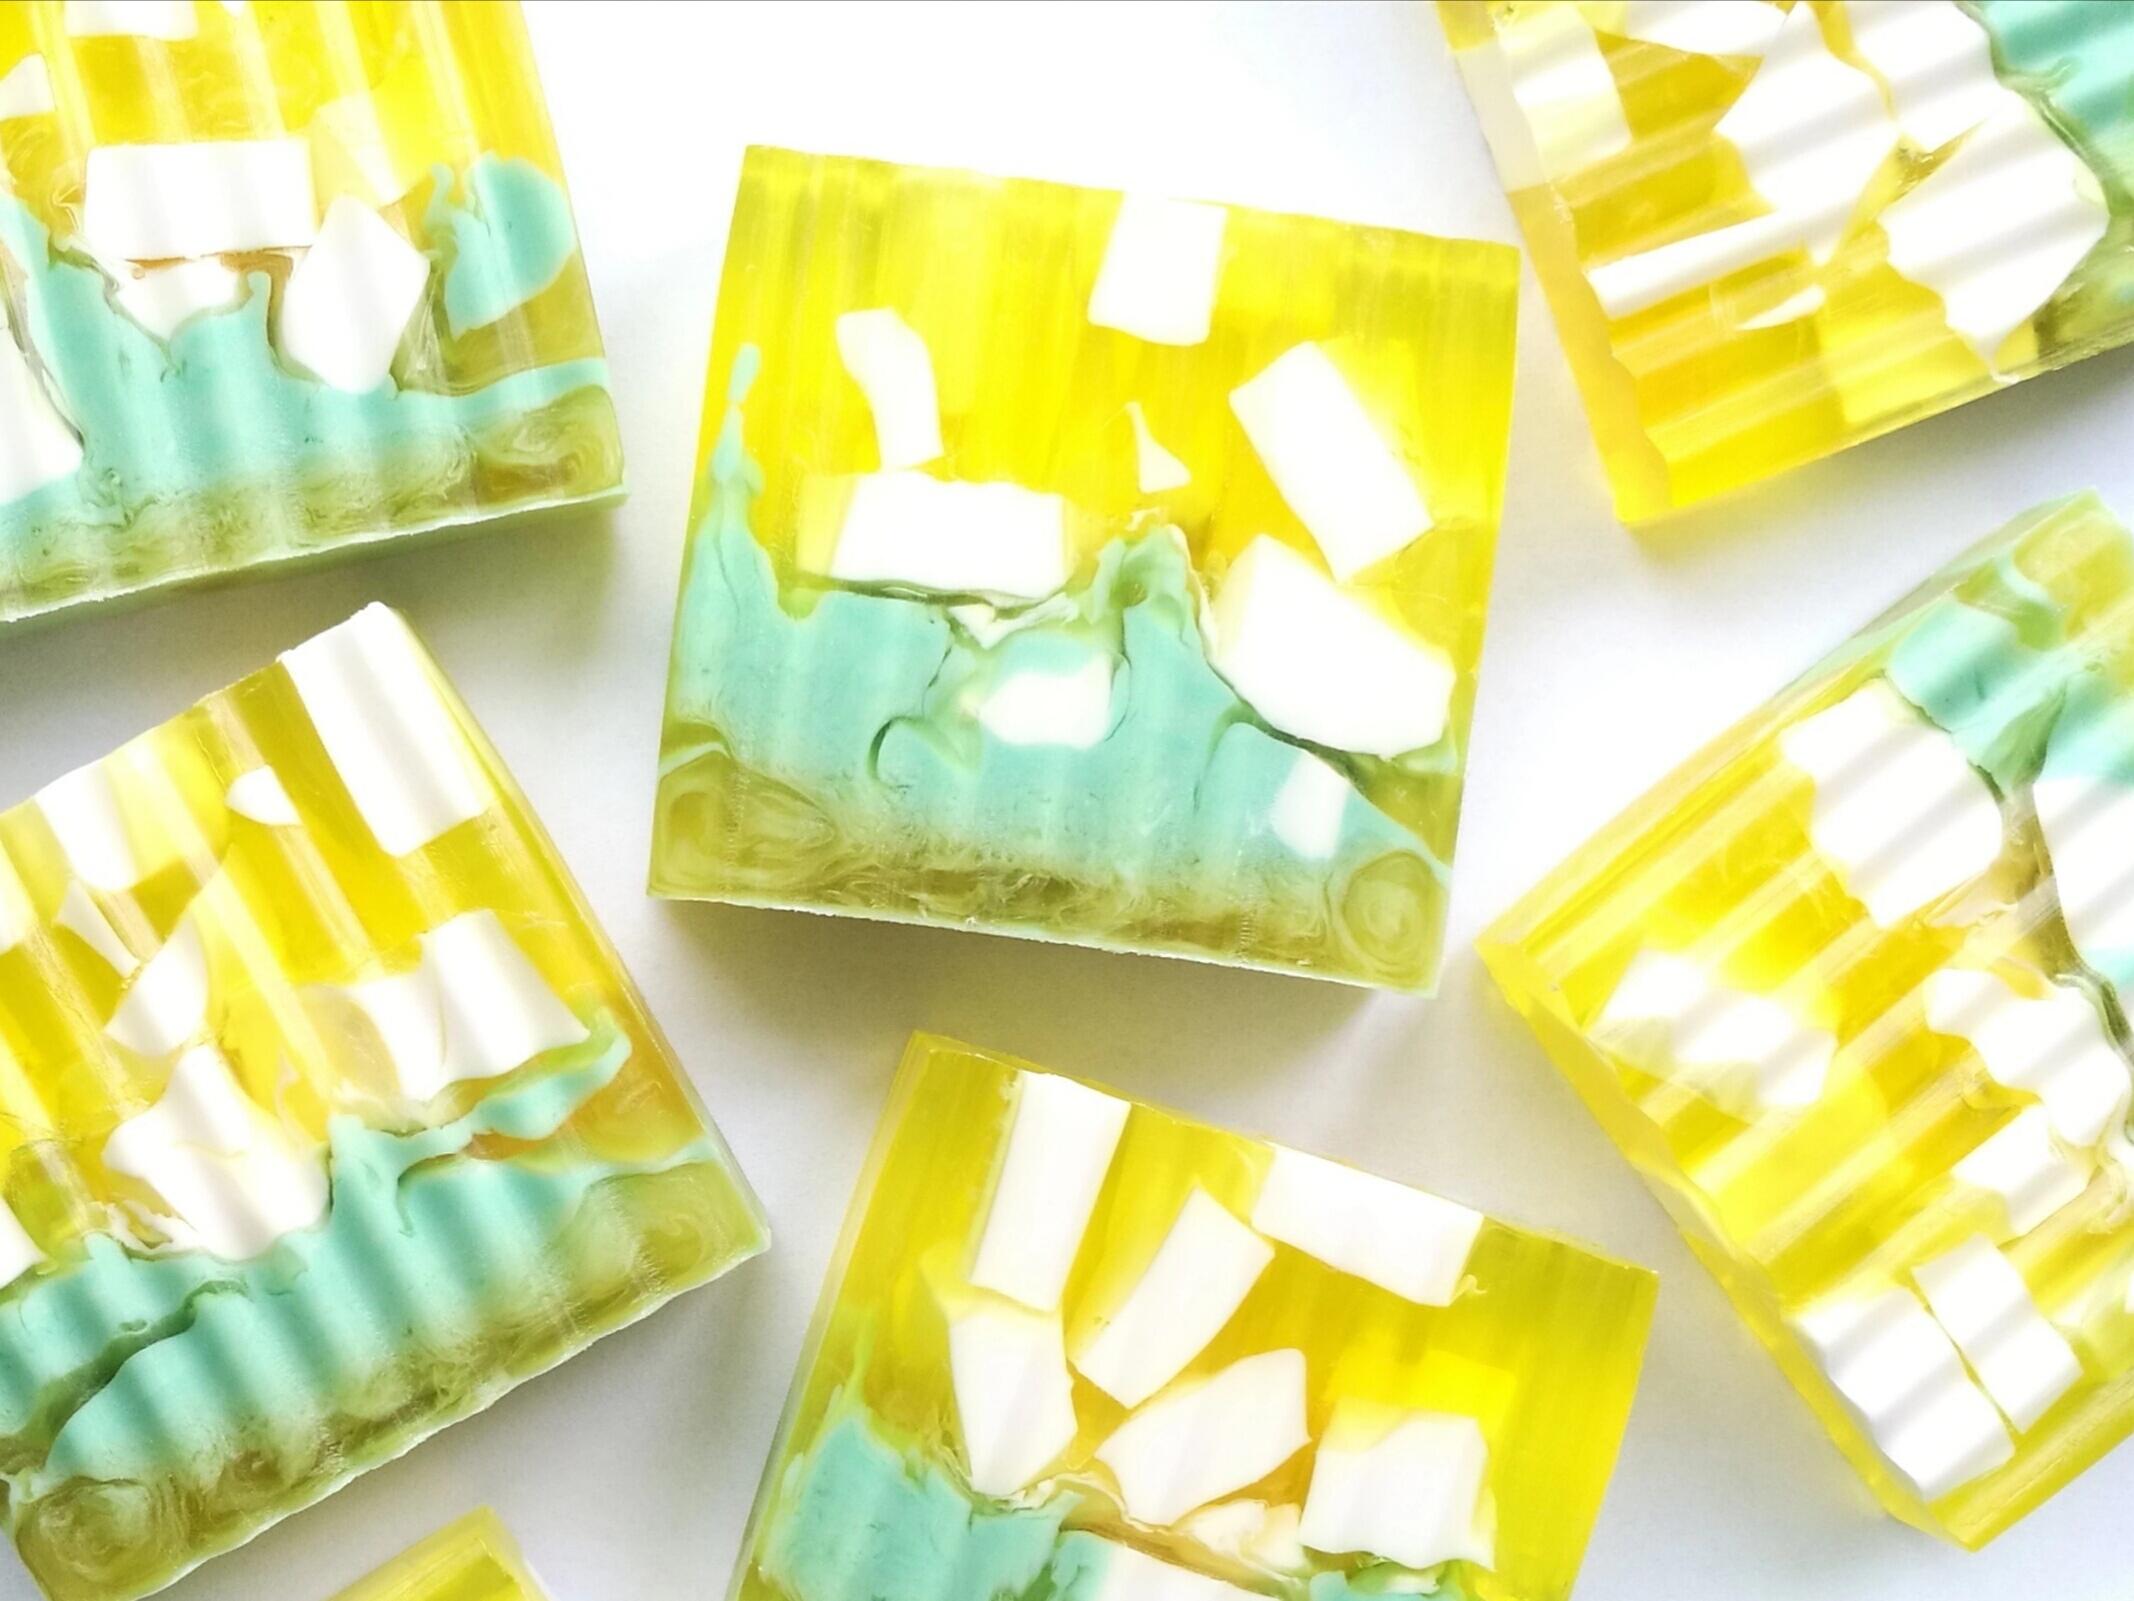 Glicerinski sapuni